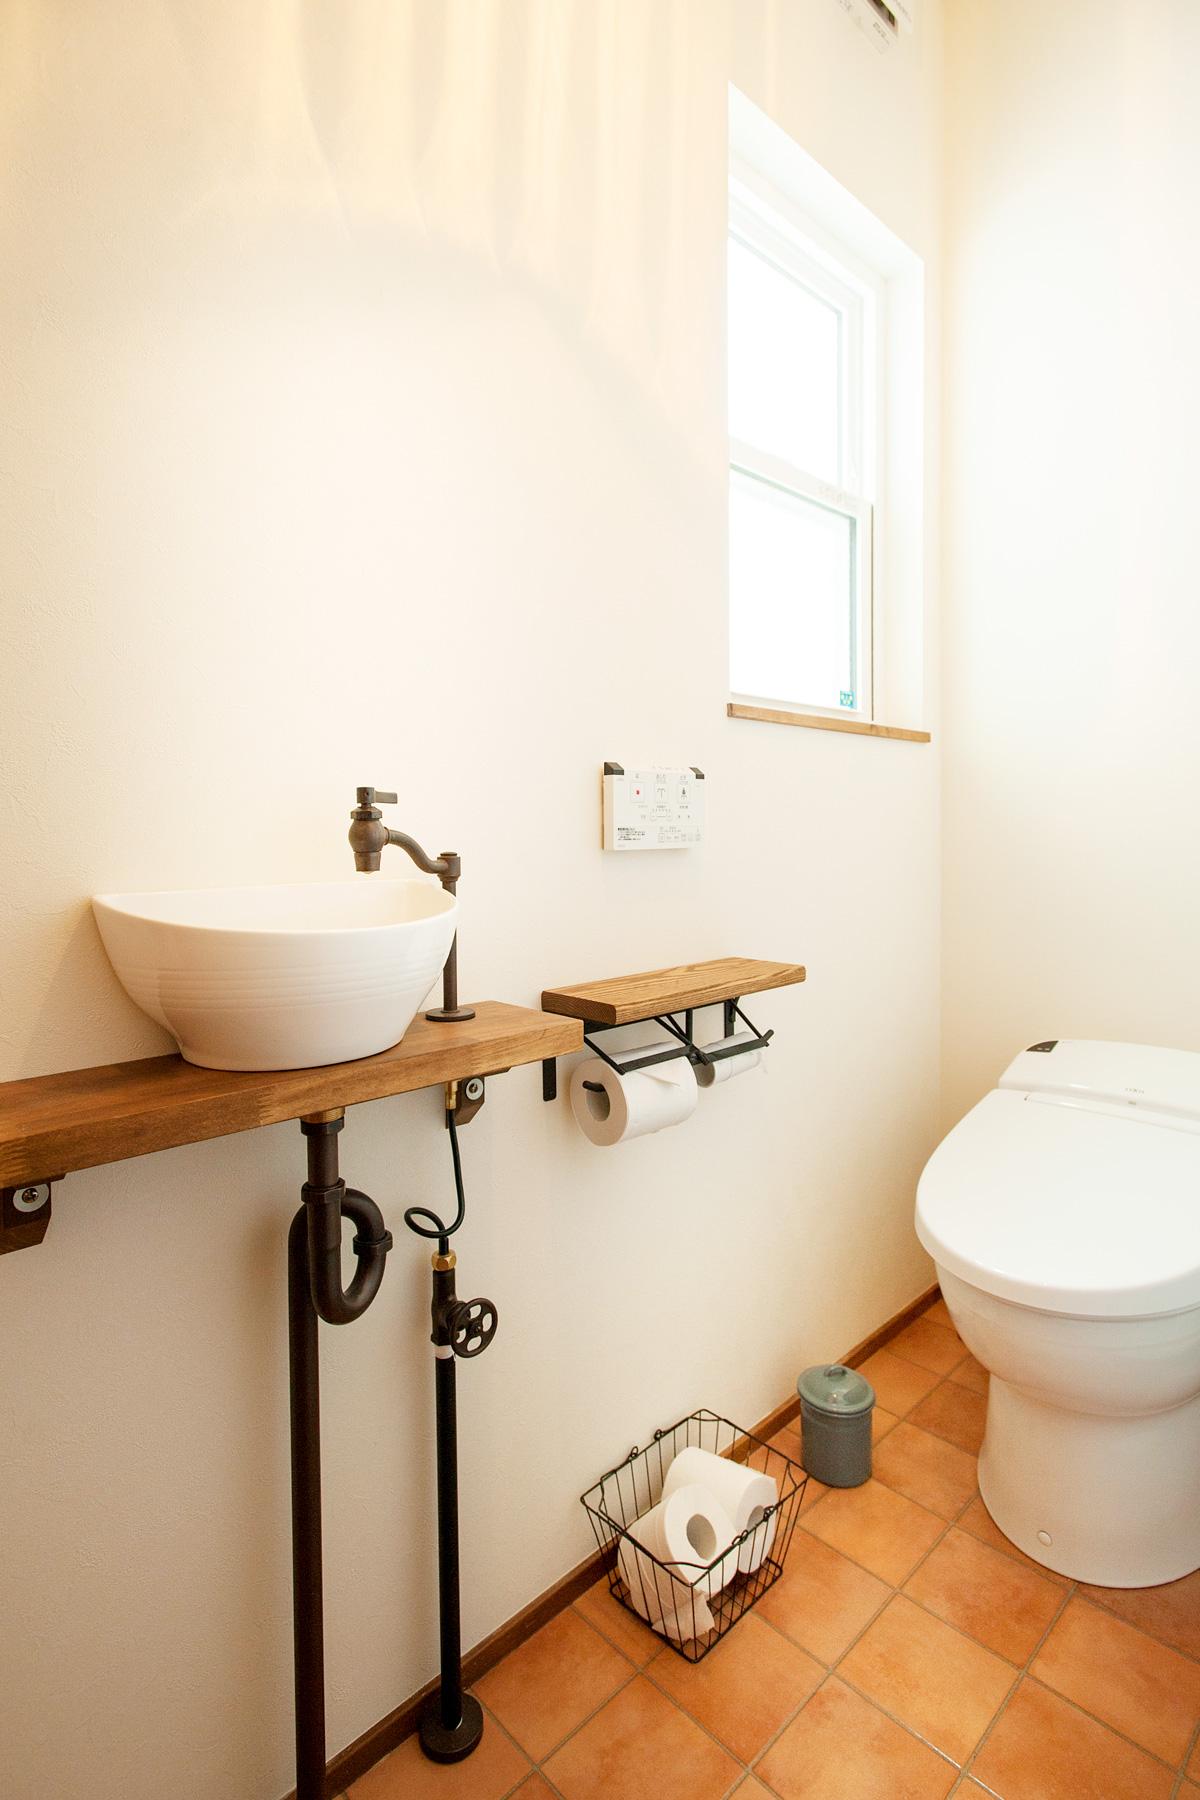 手洗い水栓やボウルのデザインにこだわったトイレ